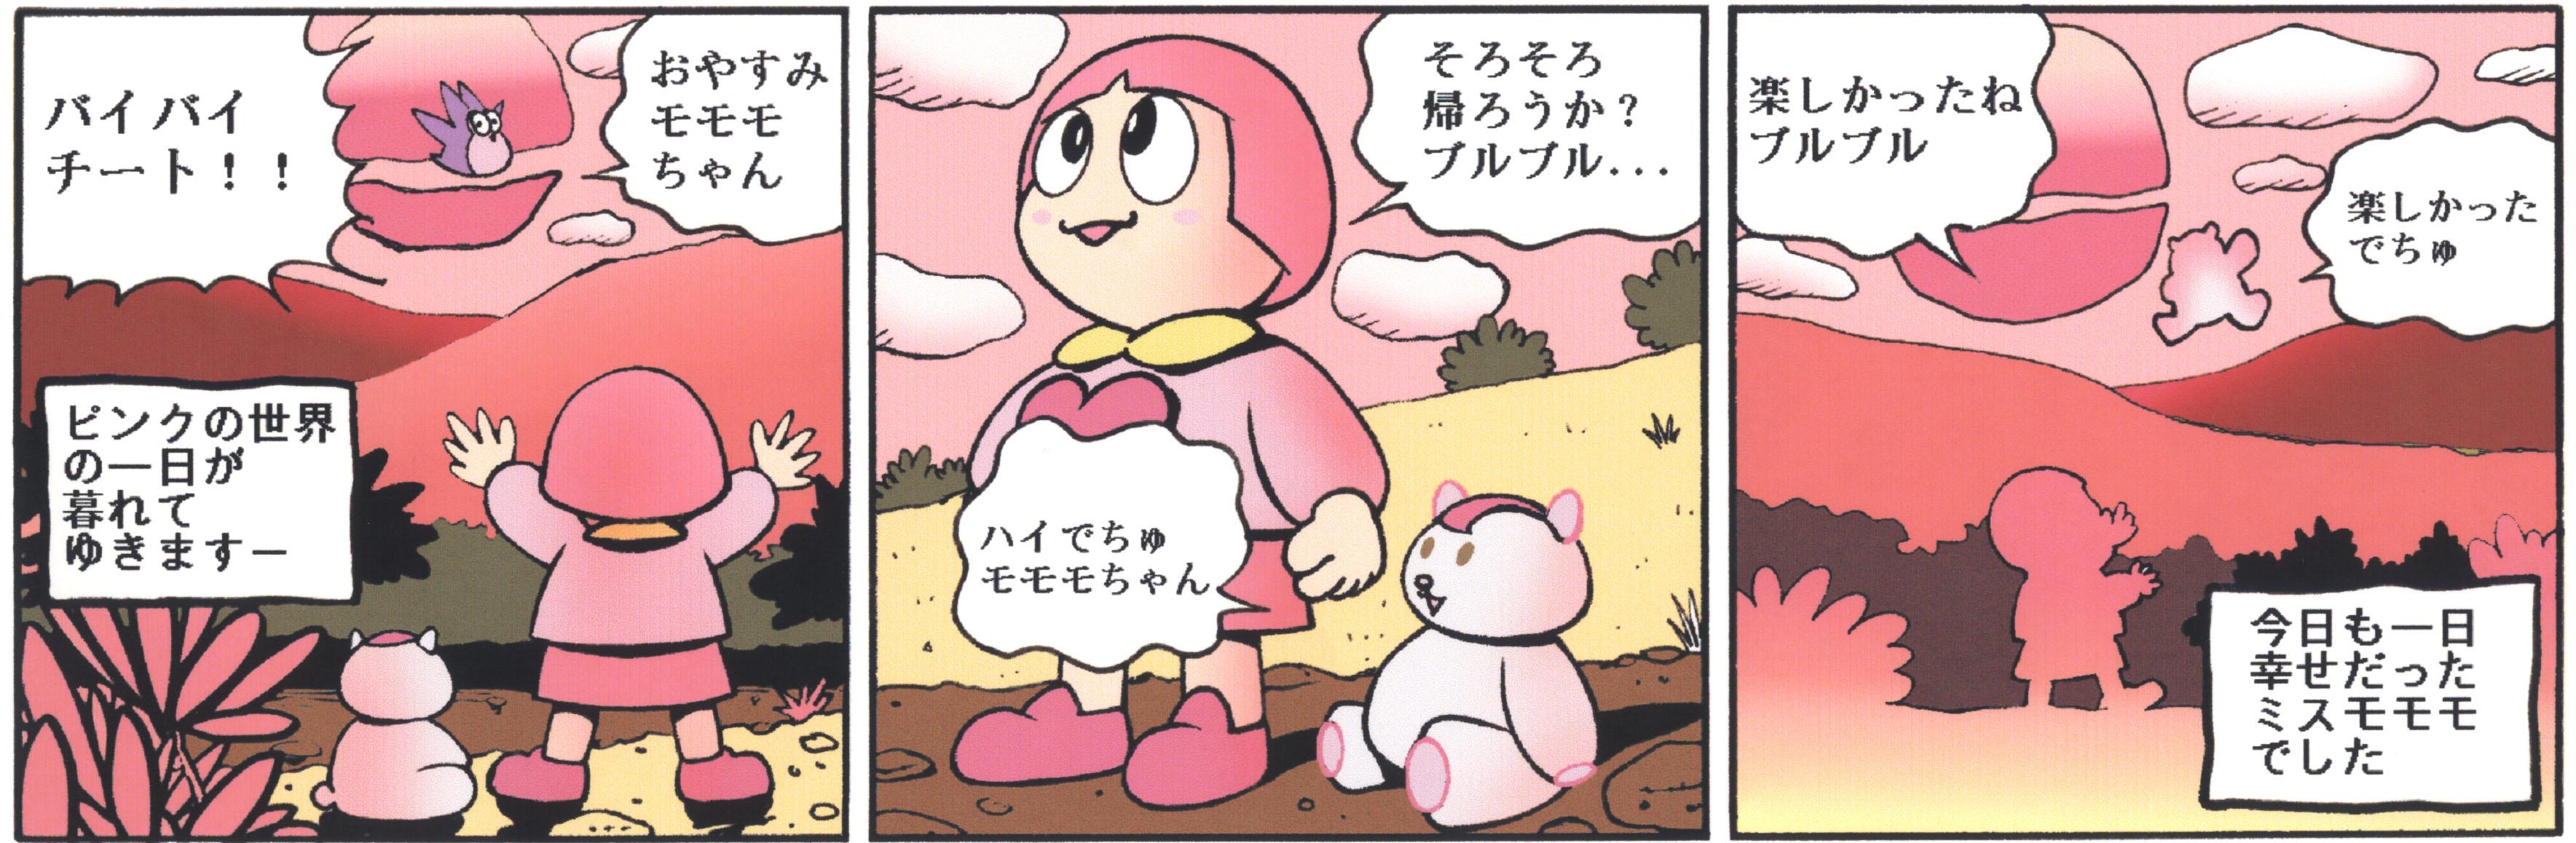 ピンク004.jpg